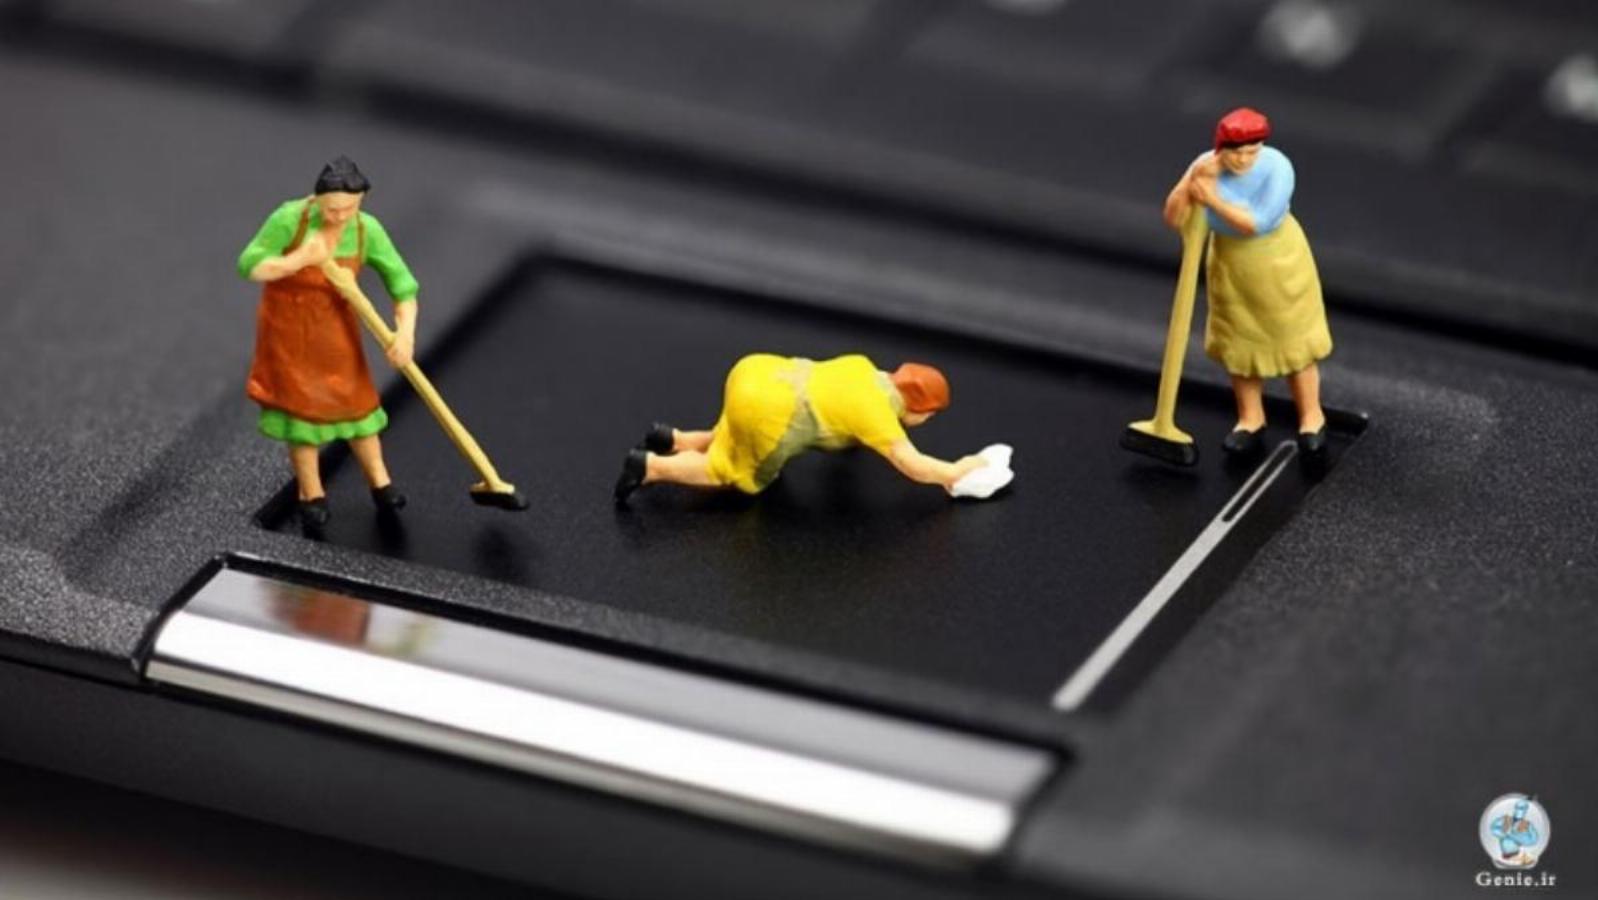 نکاتی برای تمیز کردن اصولی لپ تاپ